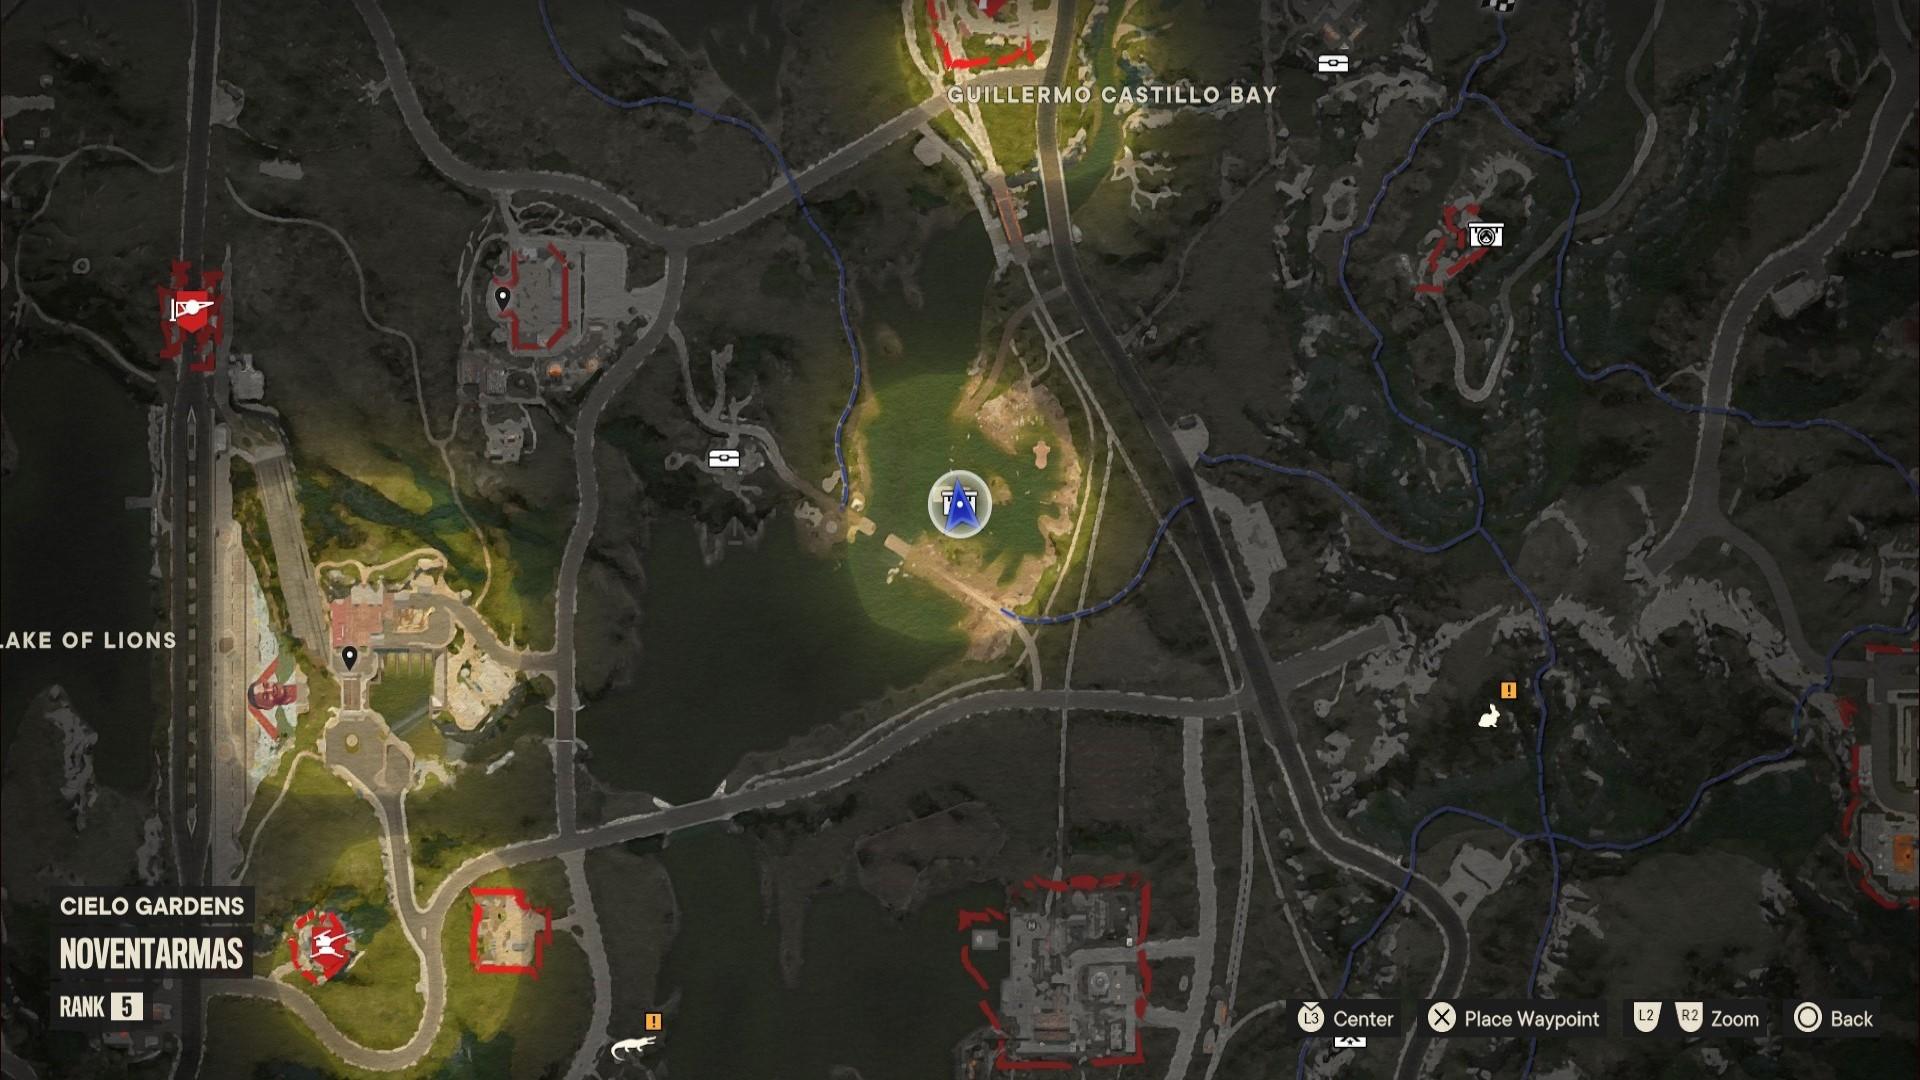 A Far Cry 6 Criptograma chests location near the dam in Valle De Oro